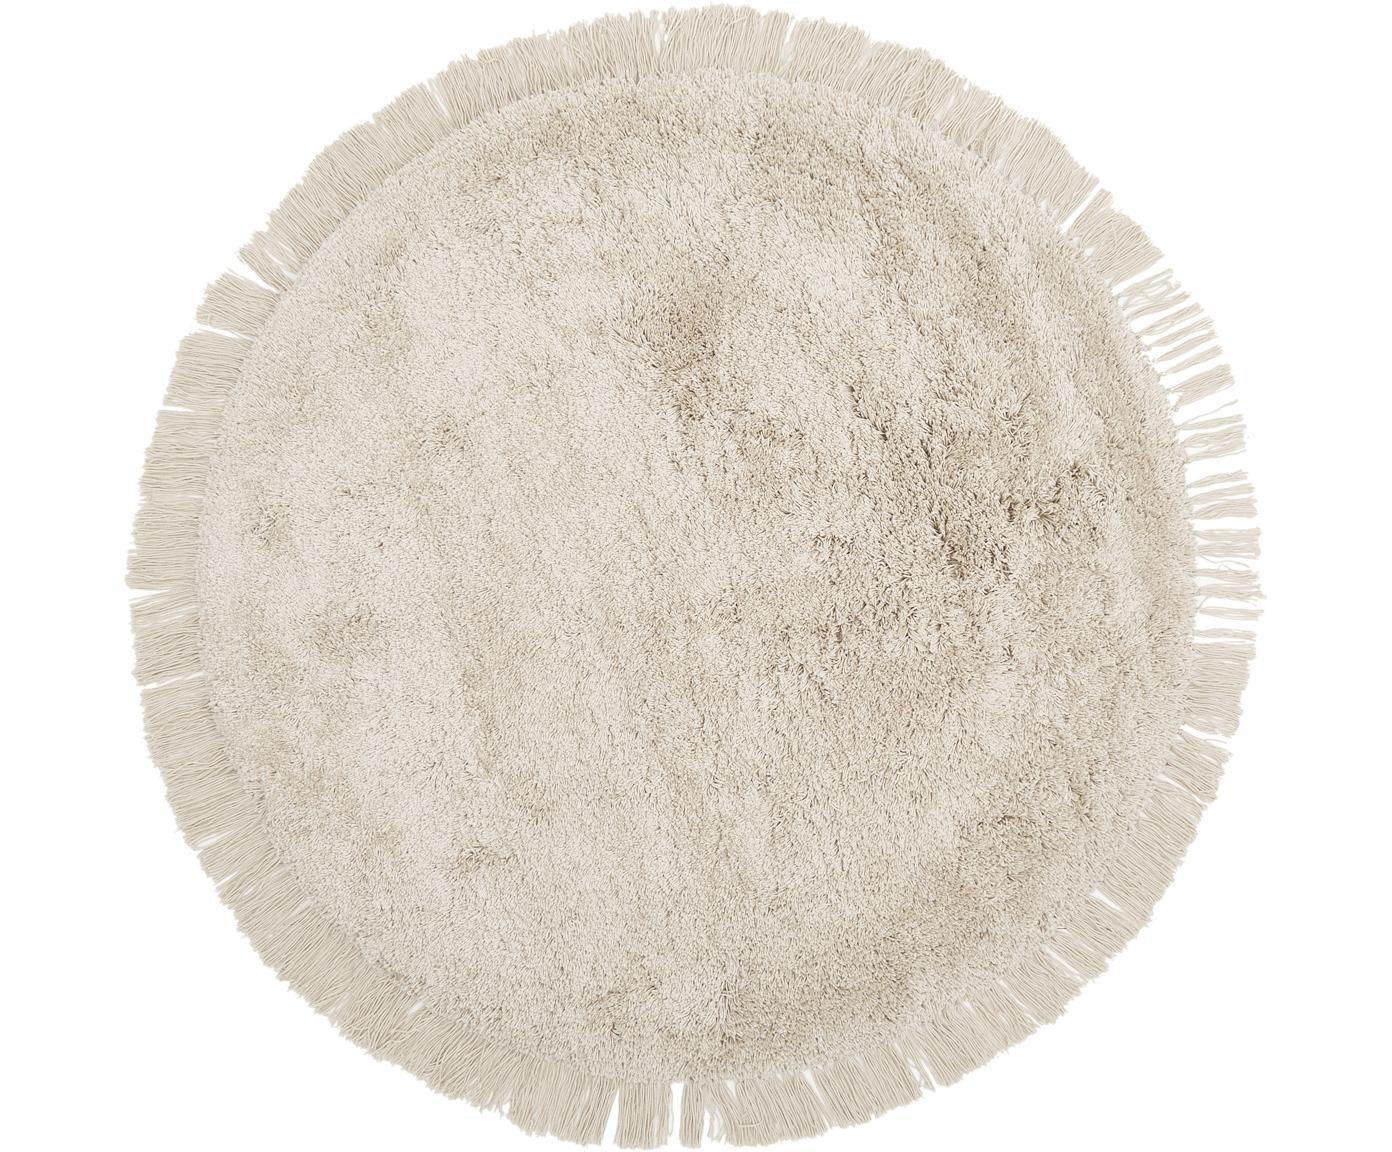 Flauschiger Hochflor-Teppich Dreamy mit Fransen, Flor: 100% Polyester, Creme, Ø 140 cm (Größe M)